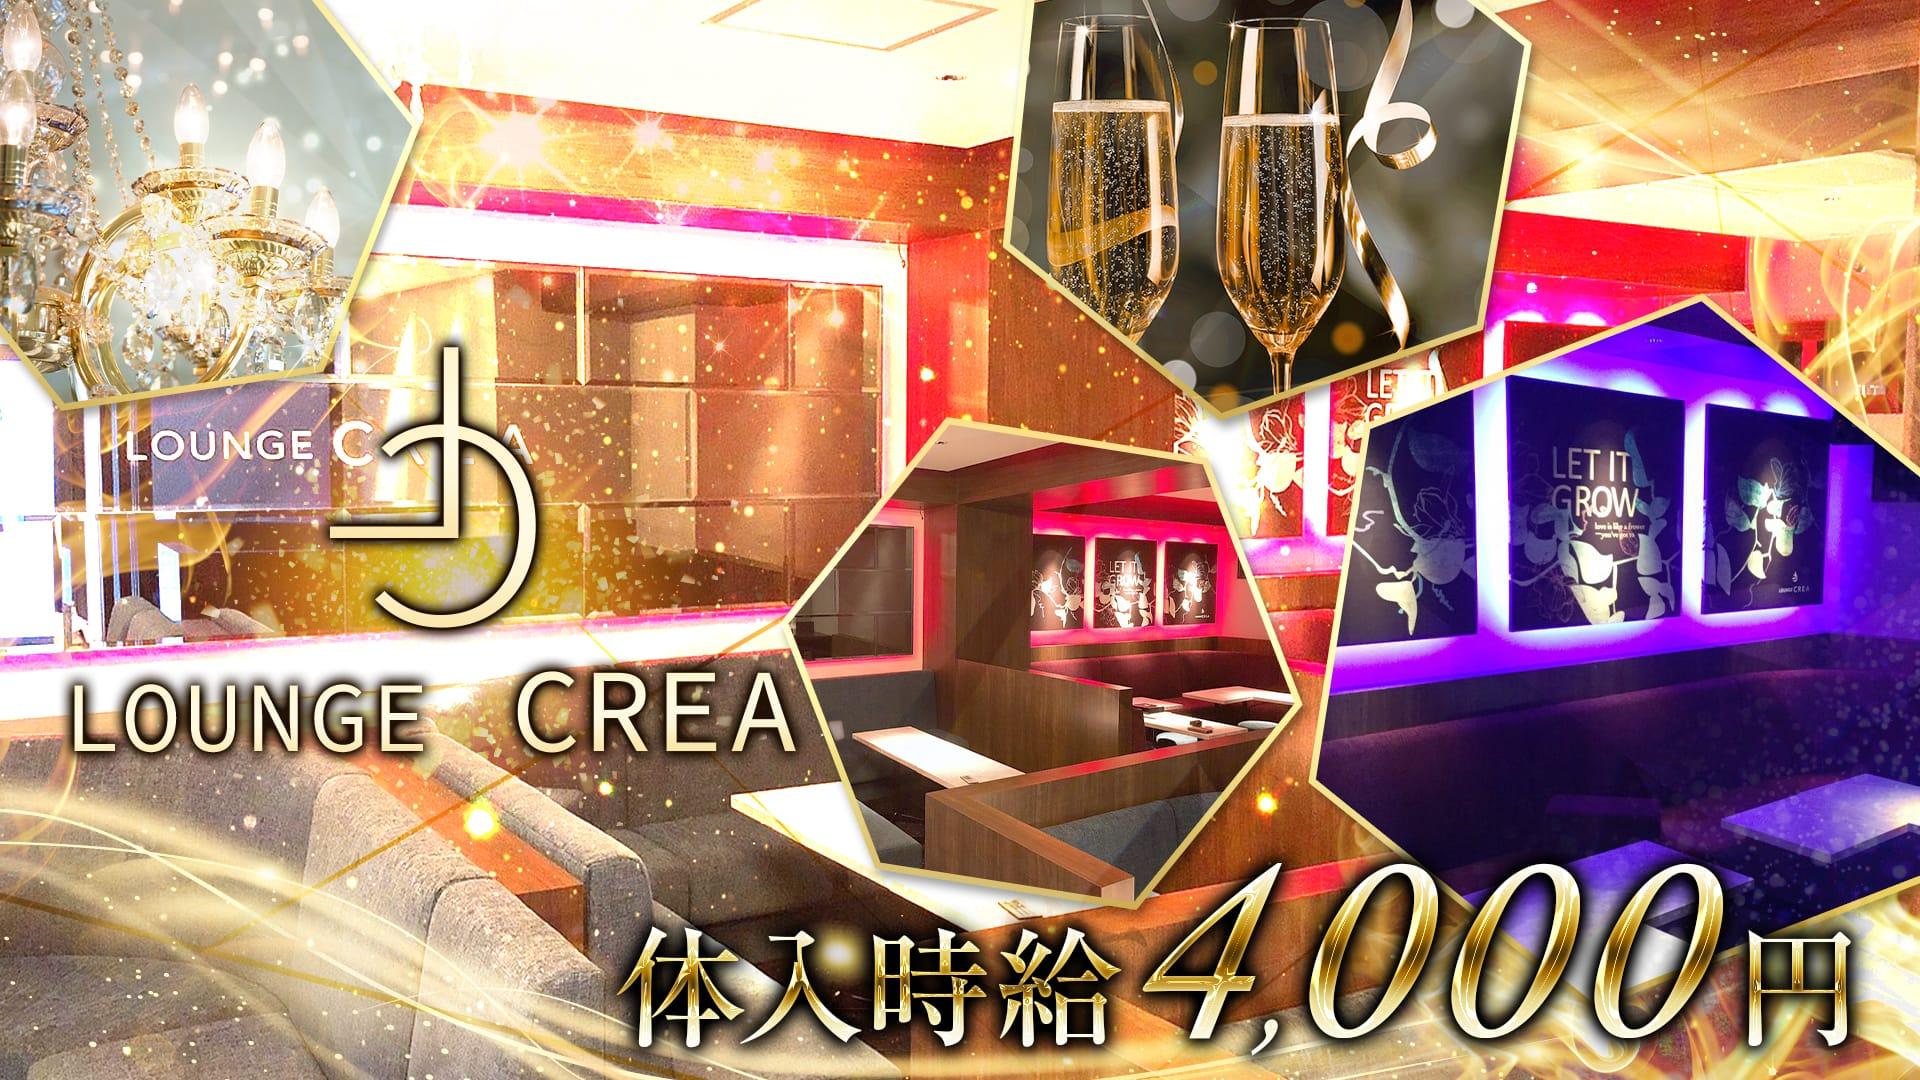 Lounge CREA(クレア)【公式求人・体入情報】 小倉ラウンジ TOP画像